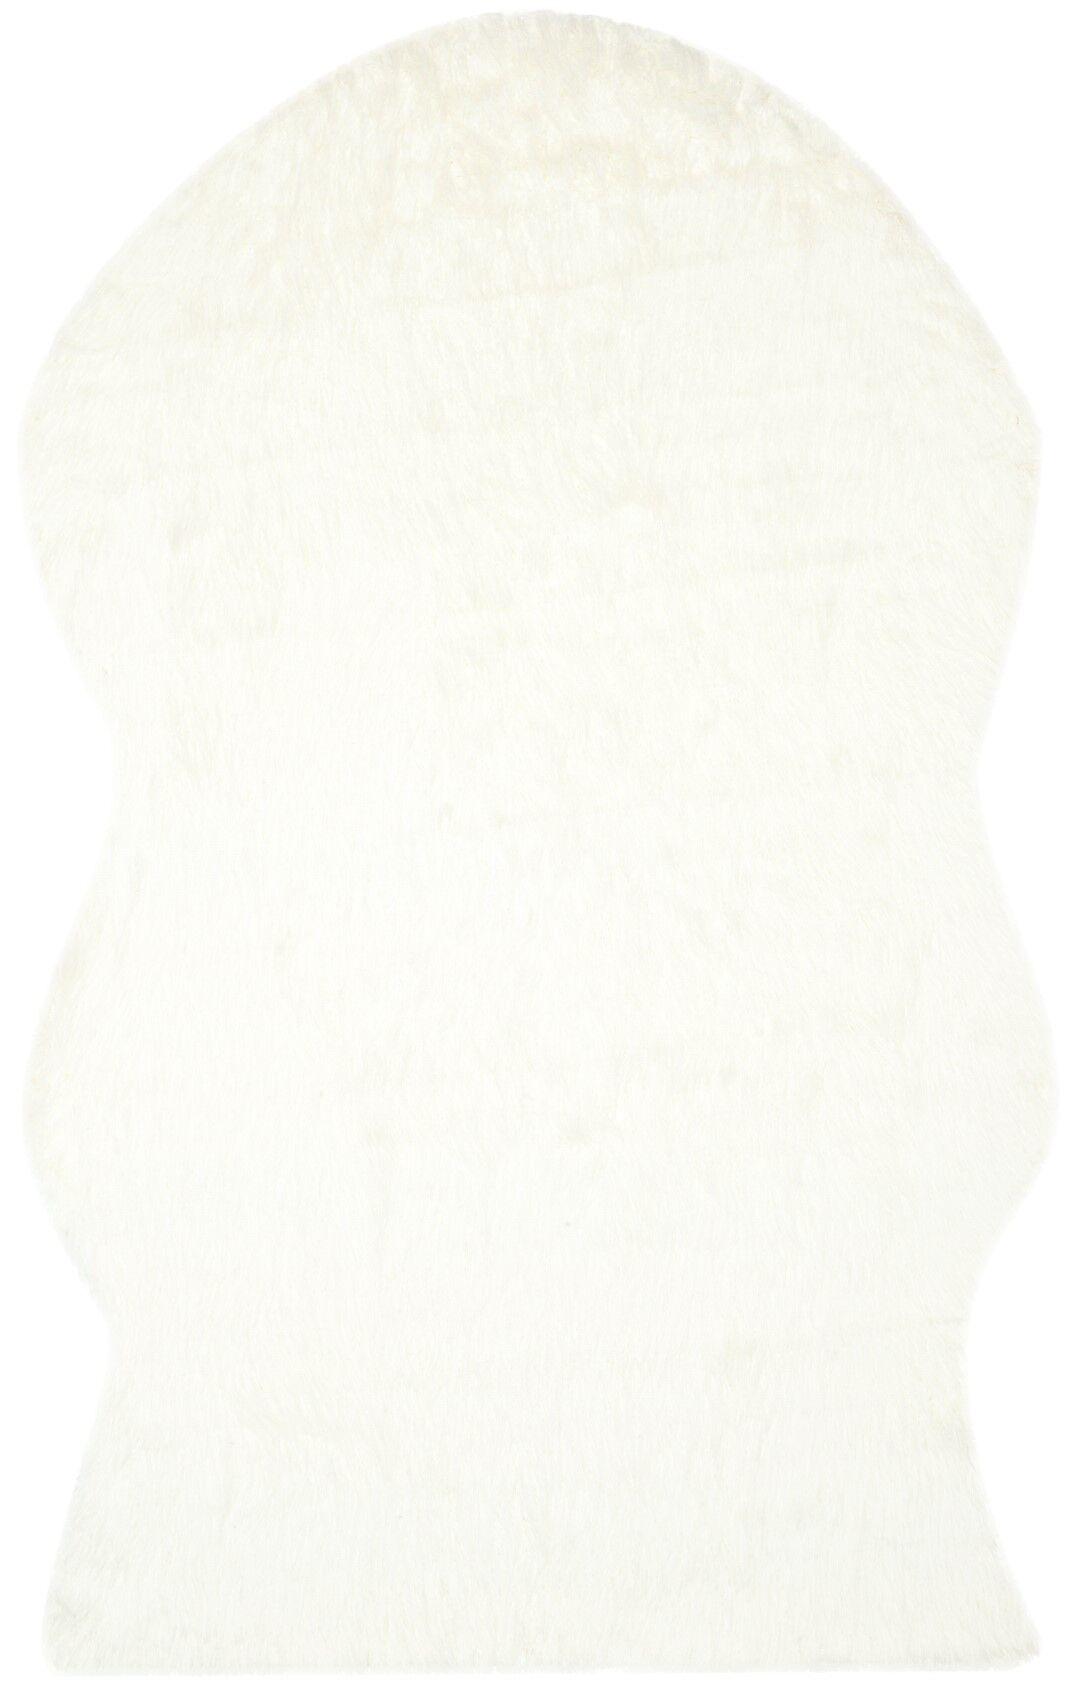 Chapman Area Rug Rug Size: Rectangle 5' x 8'